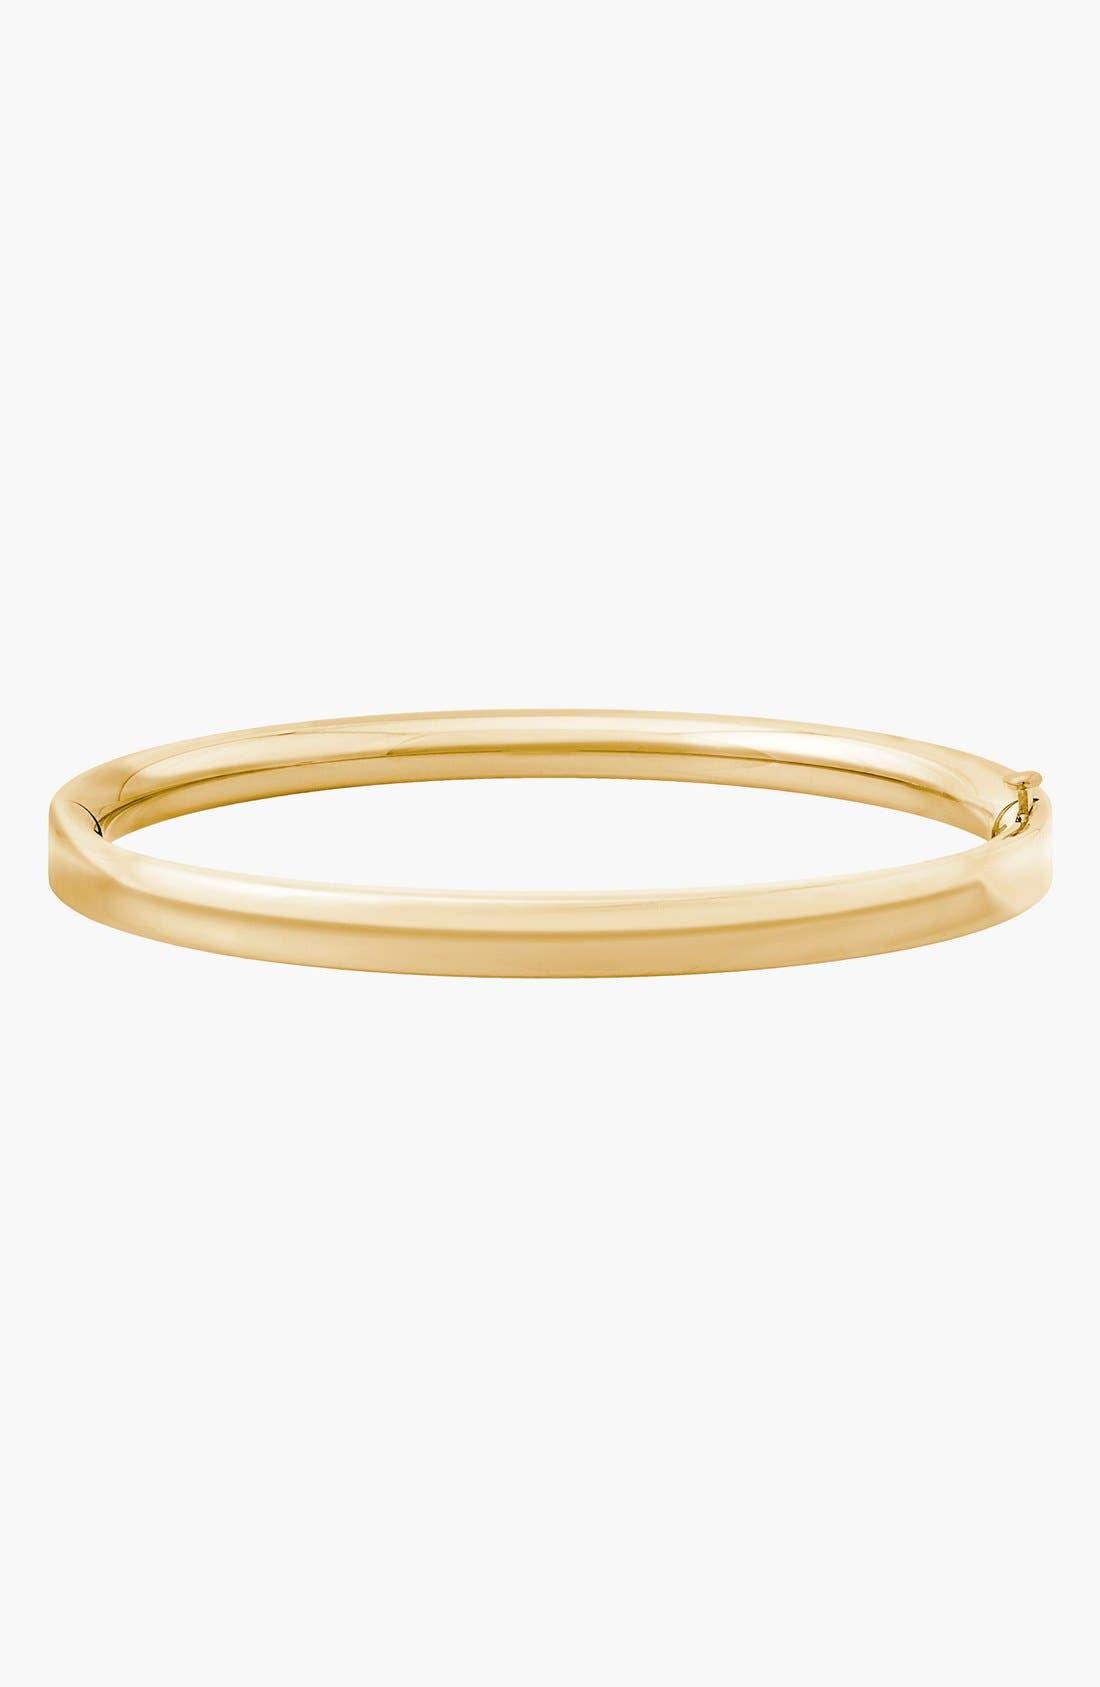 Alternate Image 1 Selected - Mignonette 14k Gold Bracelet (Baby Girls)